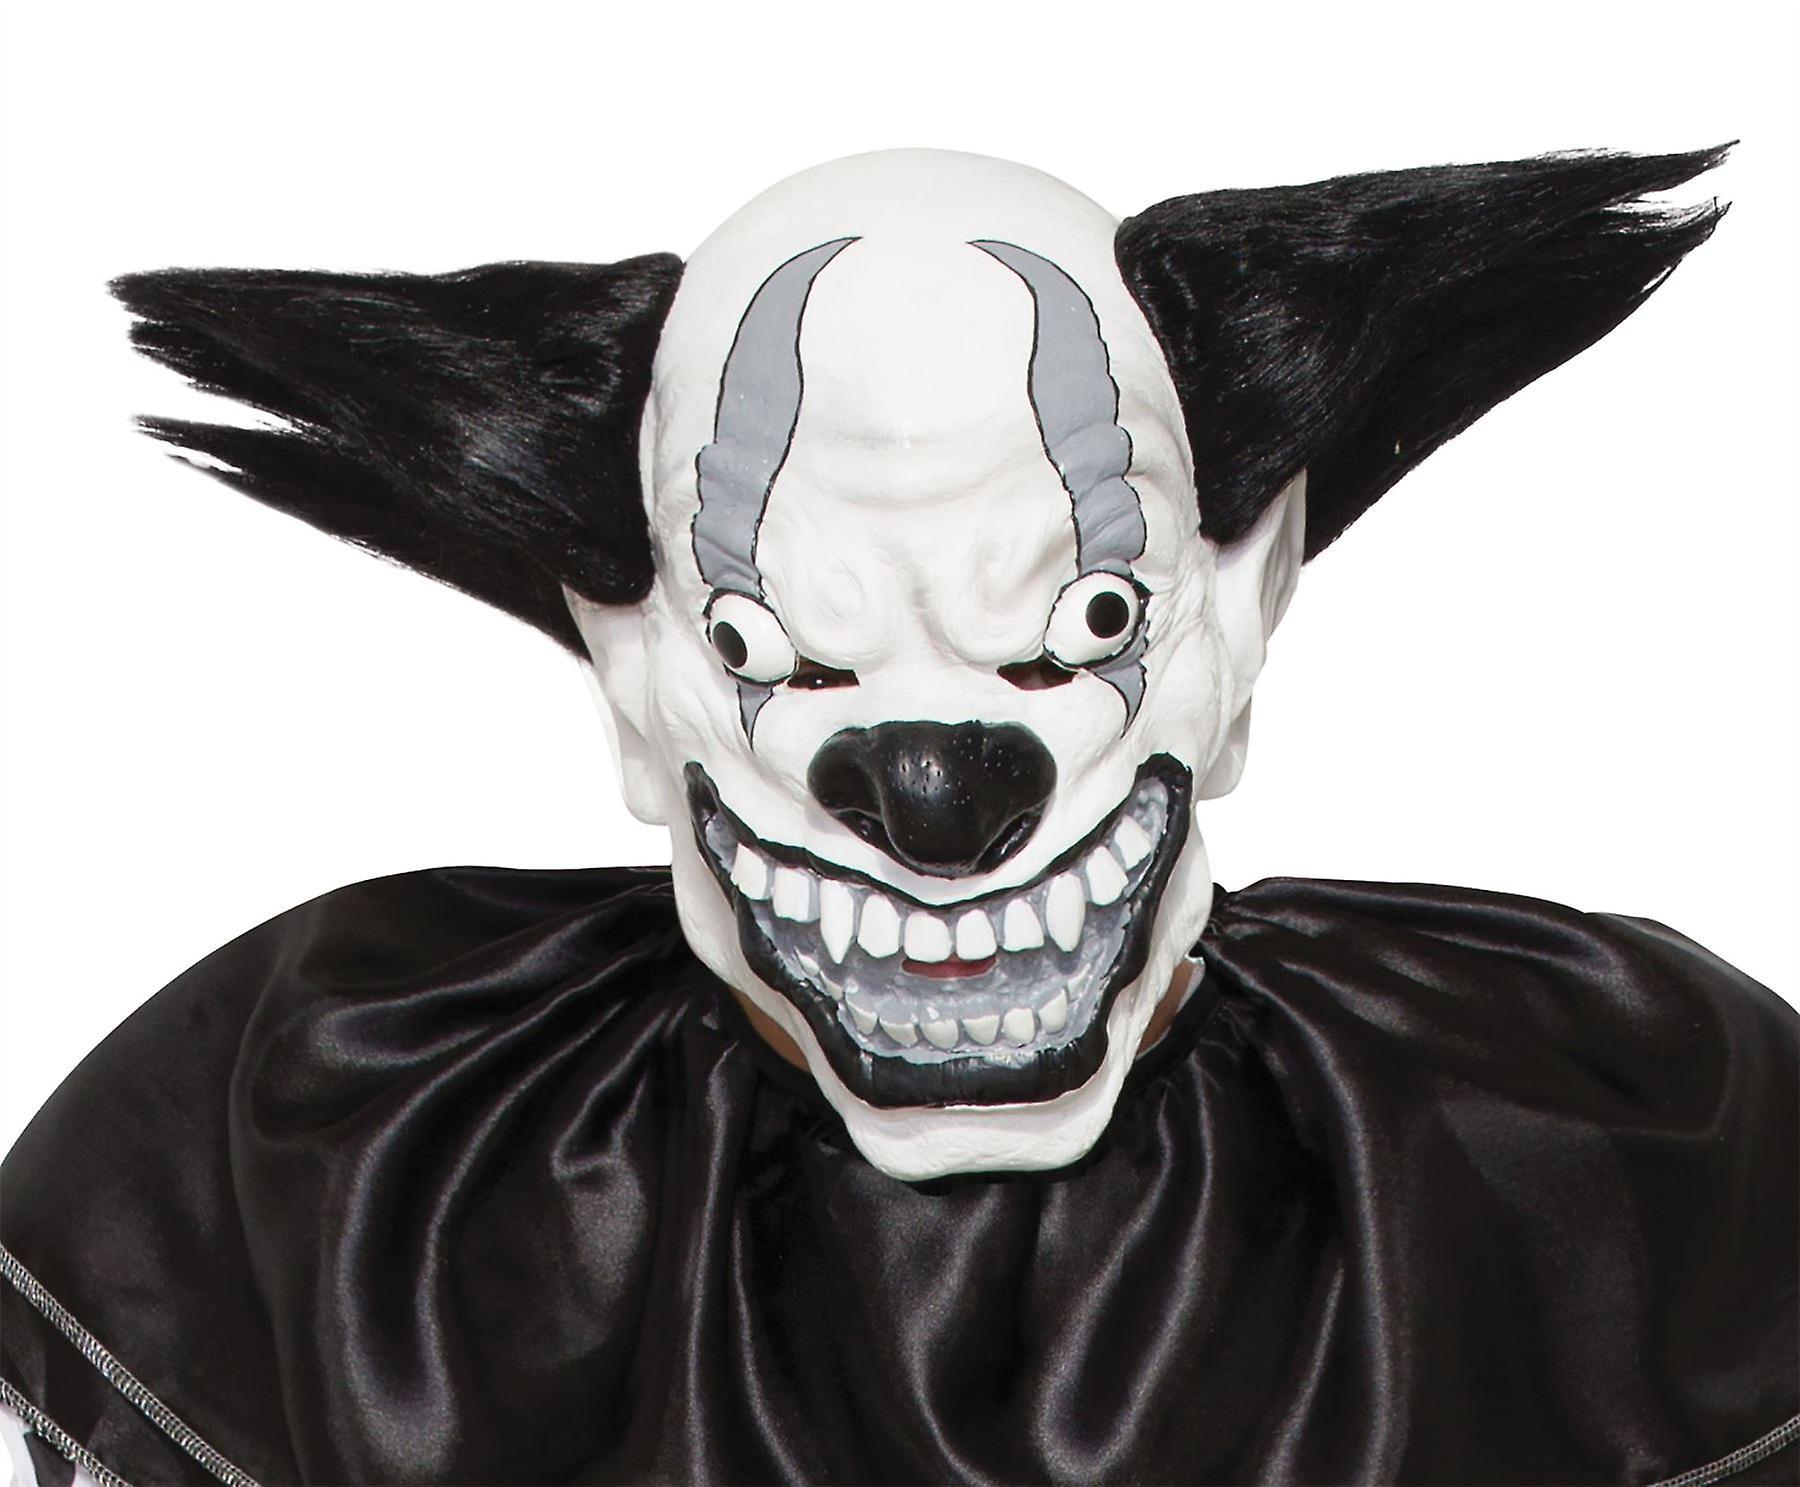 тому злая маска в картинках компания готова